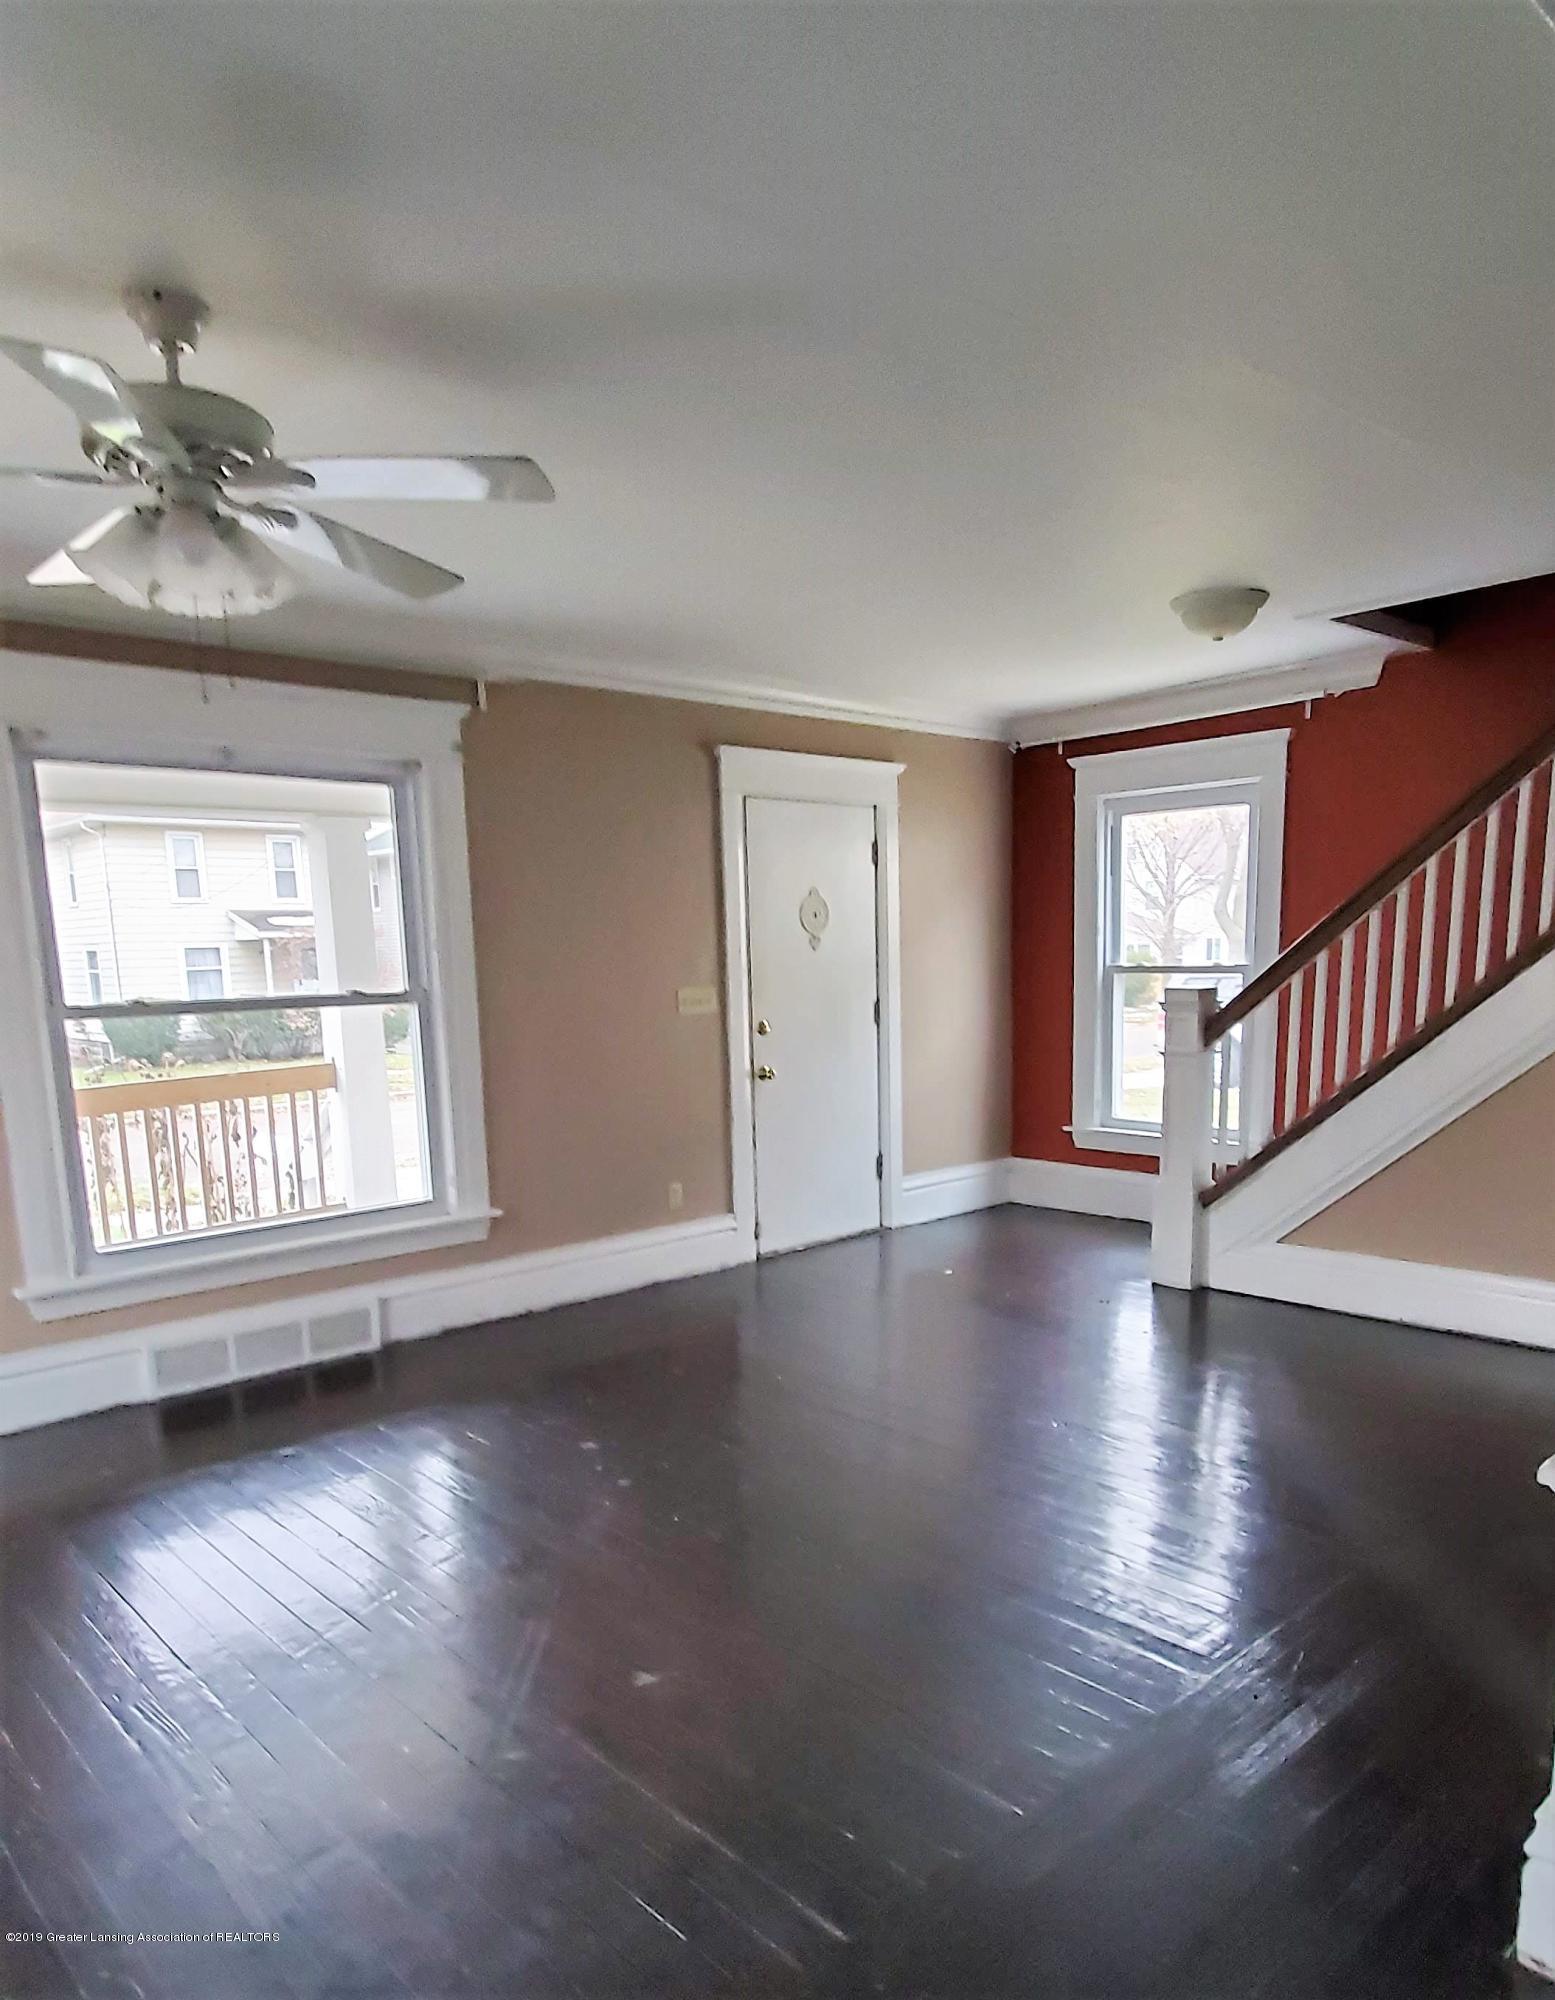 1325 Vine St - Living Room 1 - 3